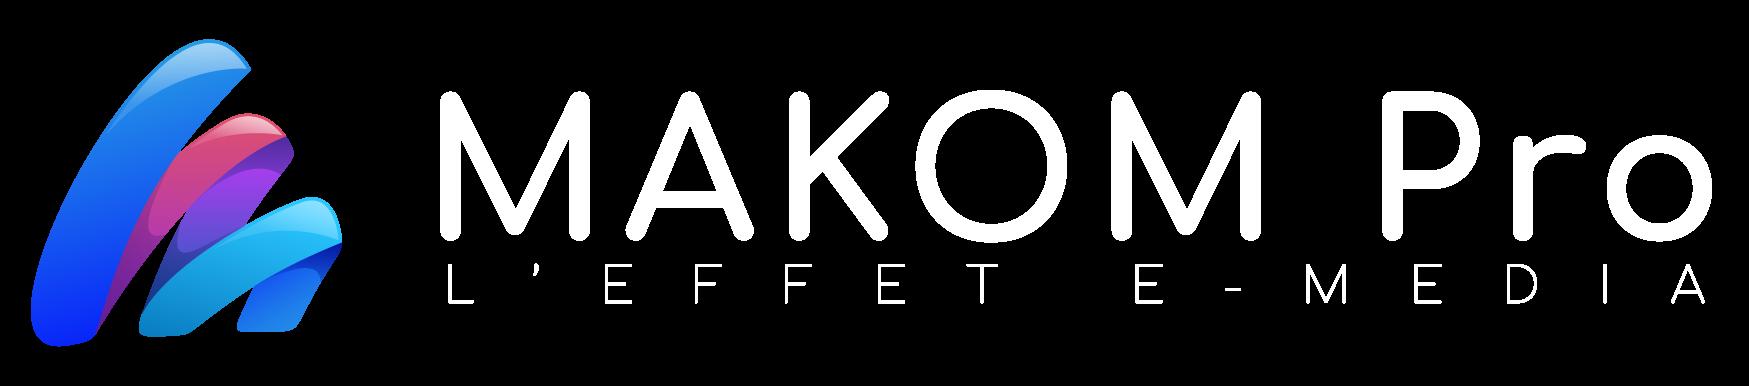 MAKOM Pro